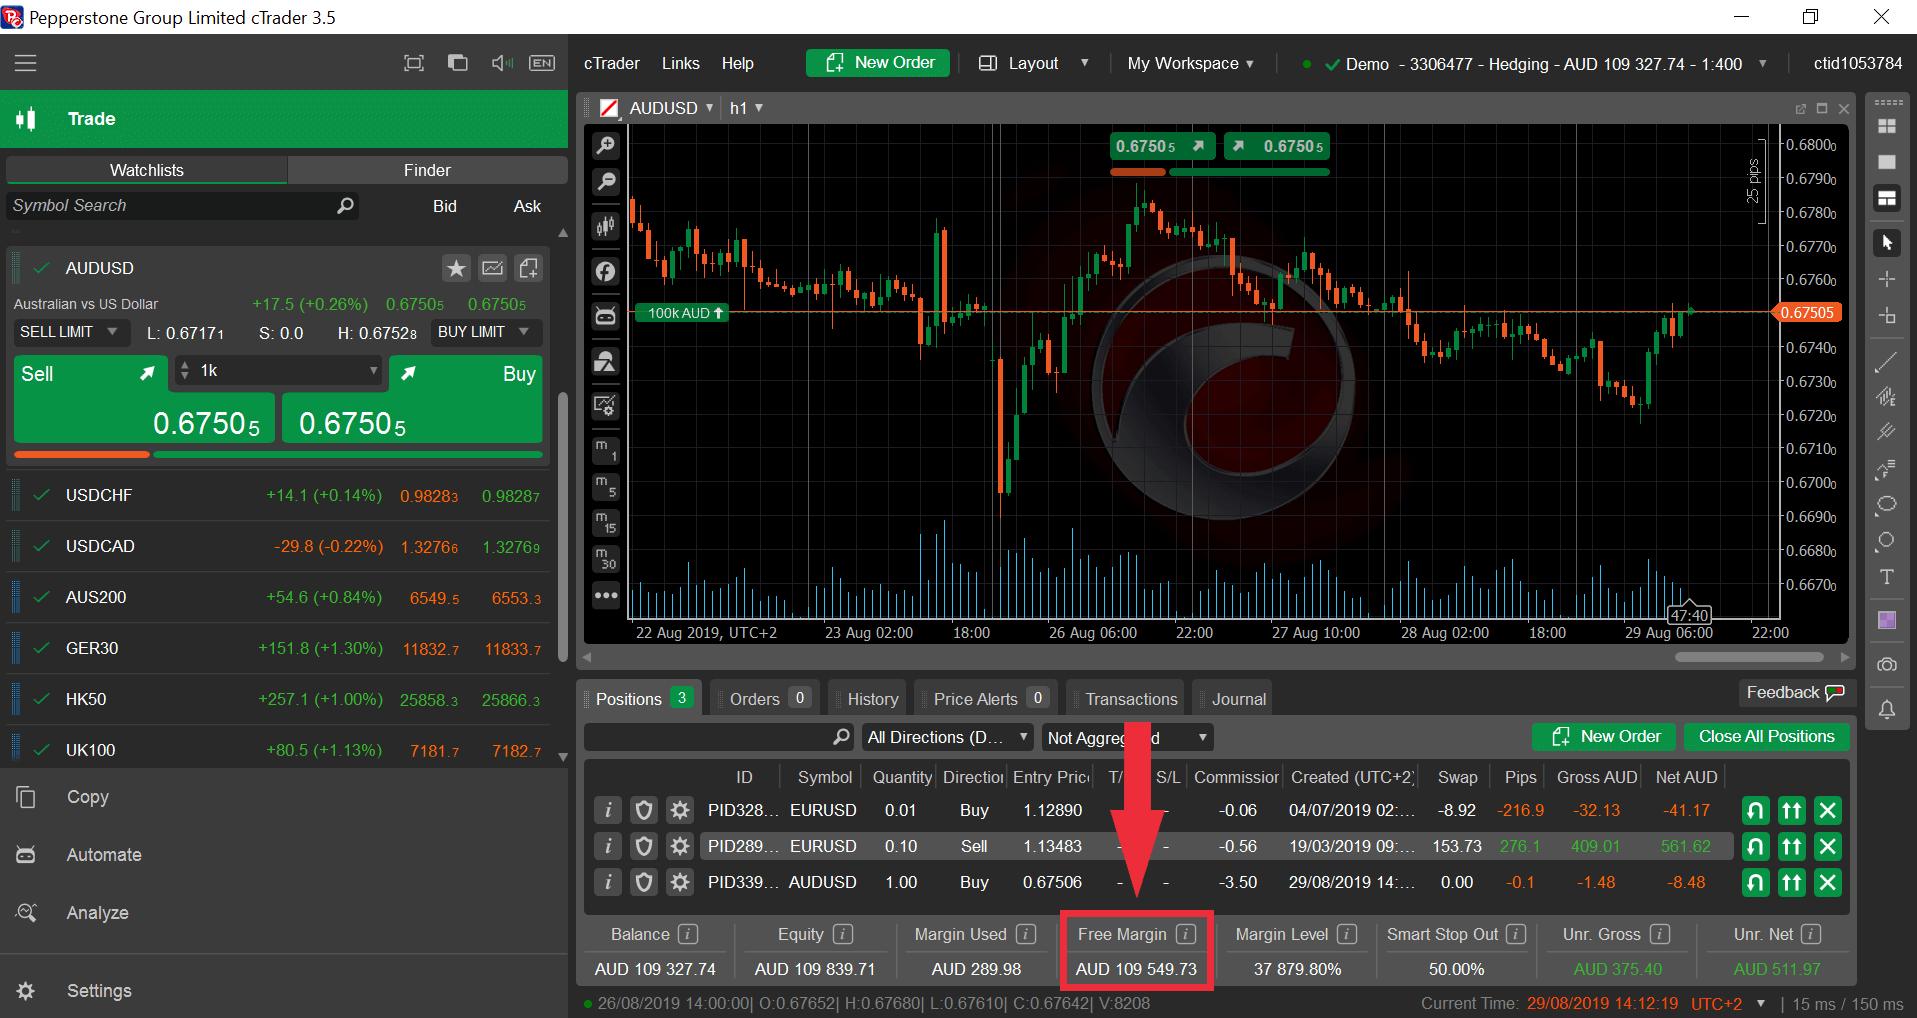 ctrader-free-margin.png